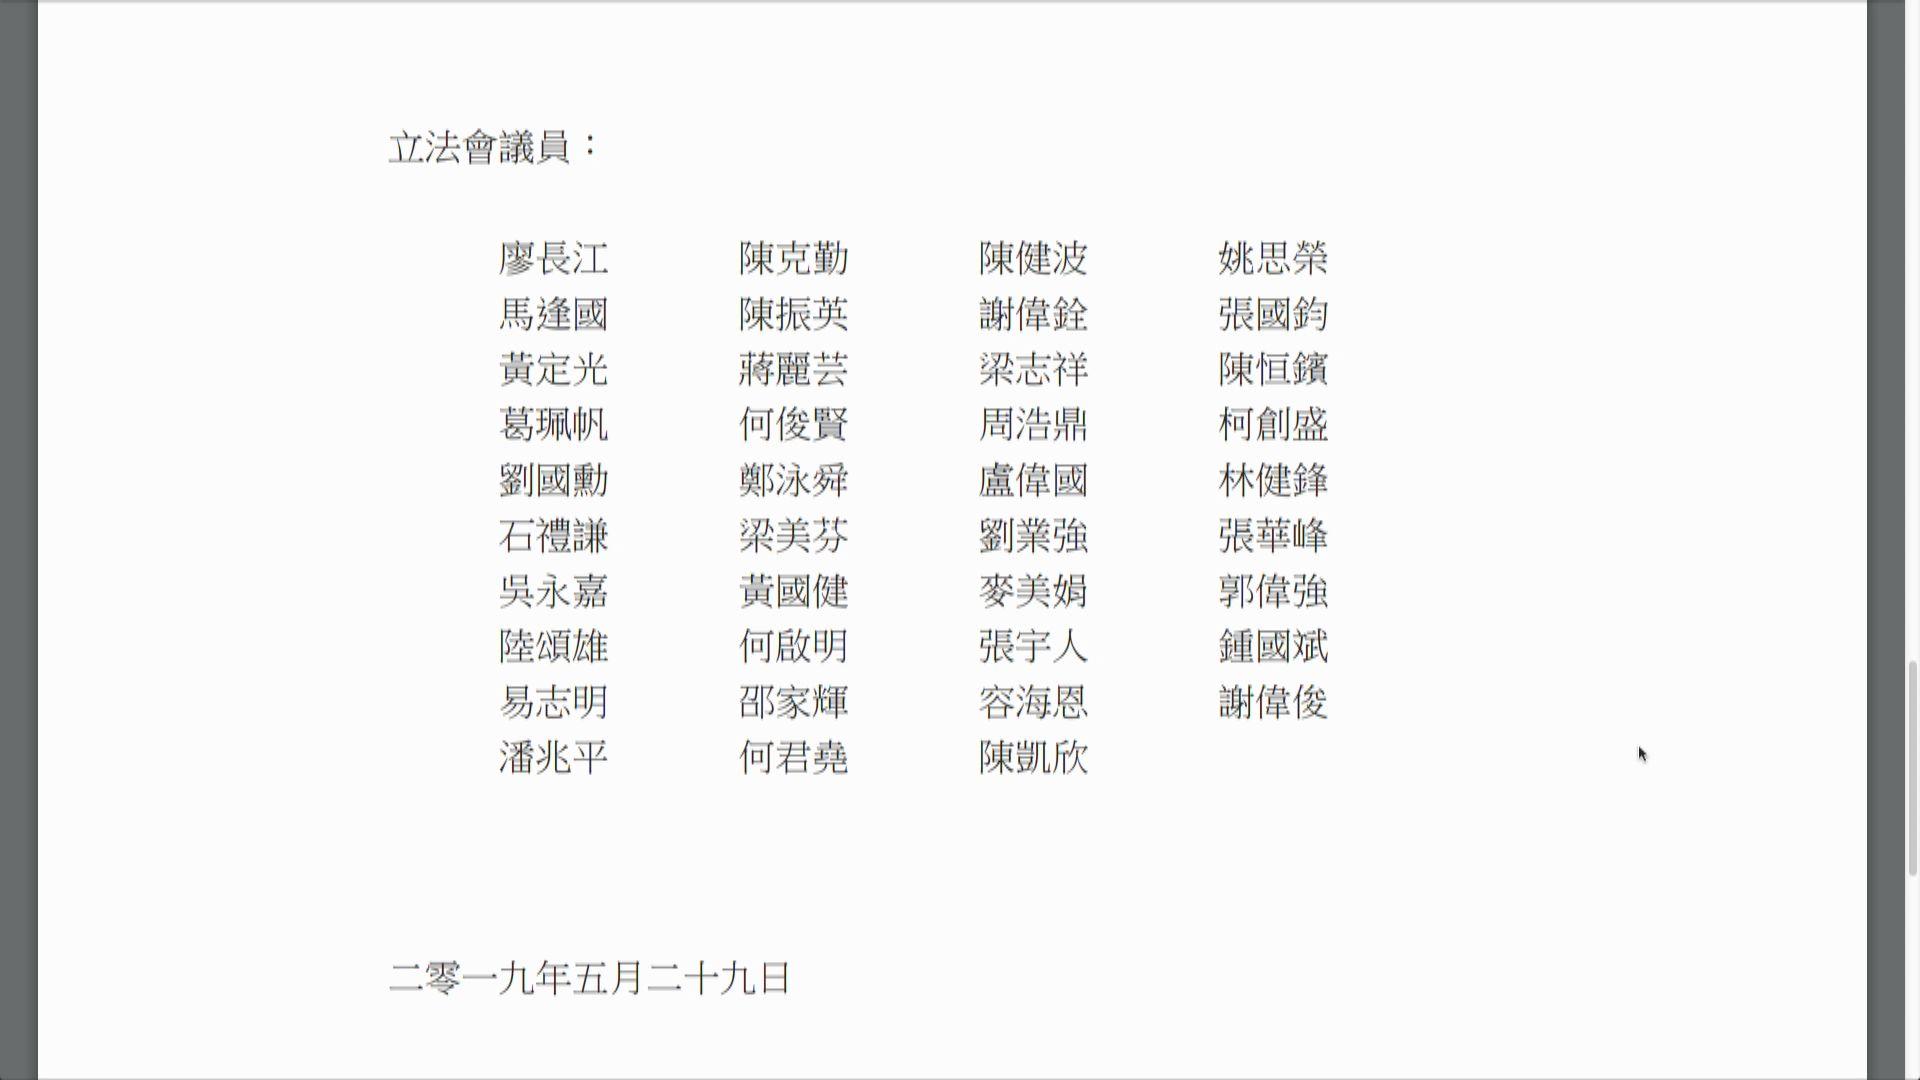 【逃犯條例】政府新修訂包括39名建制派提出的兩項建議